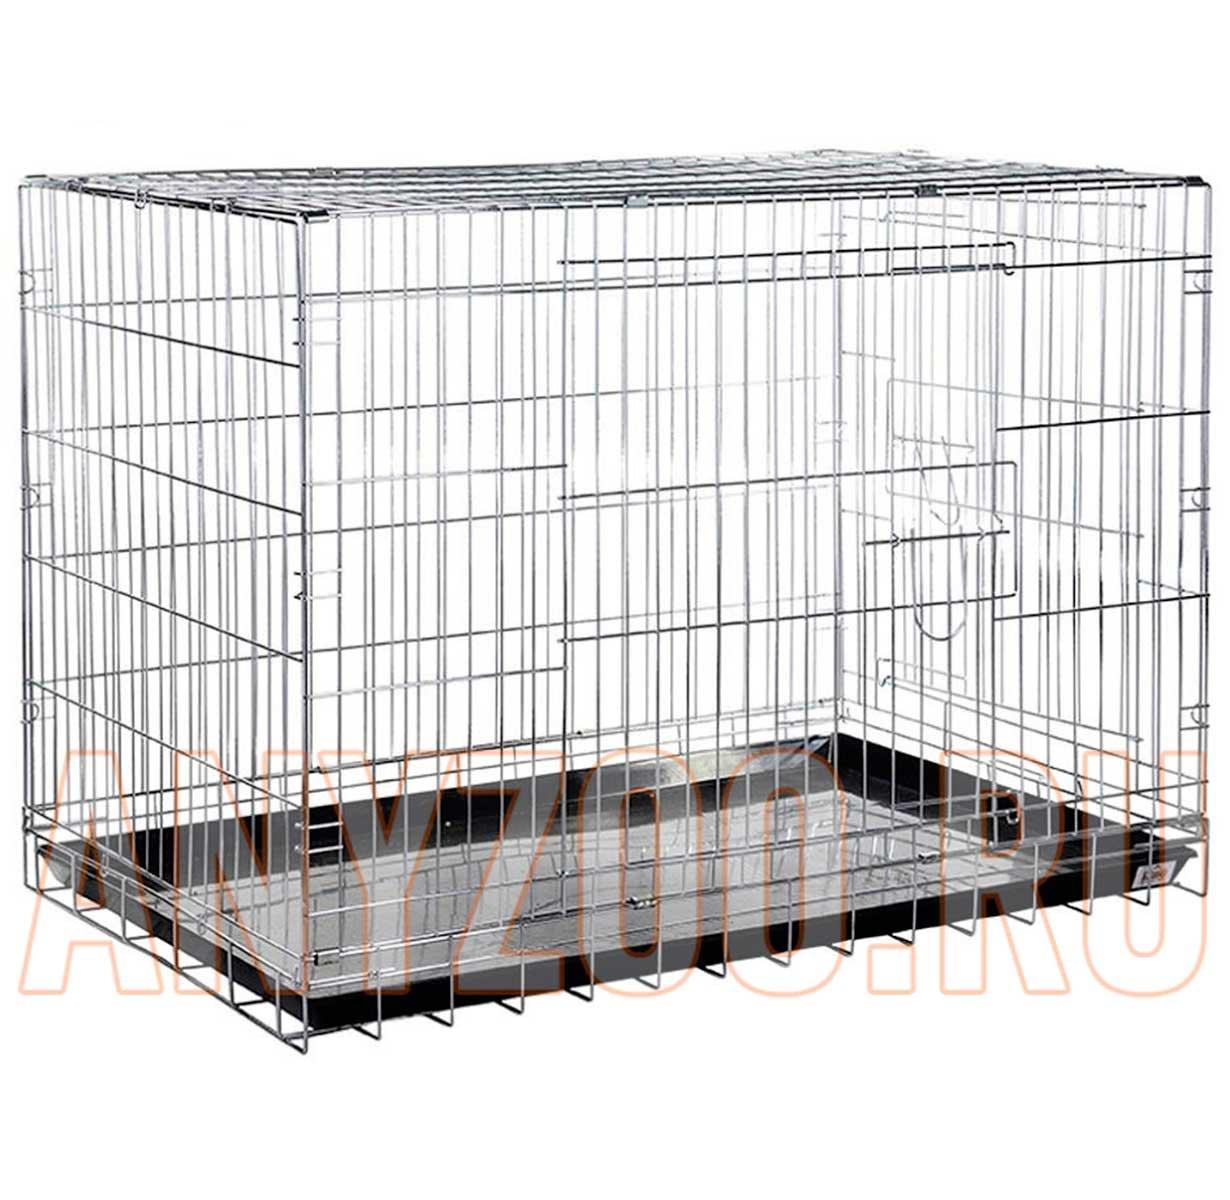 Kredo Клетка для собак 2 двери. хром,с пластмассовым поддоном 108*69*78 1шт ( Клетки, вольеры для собак )